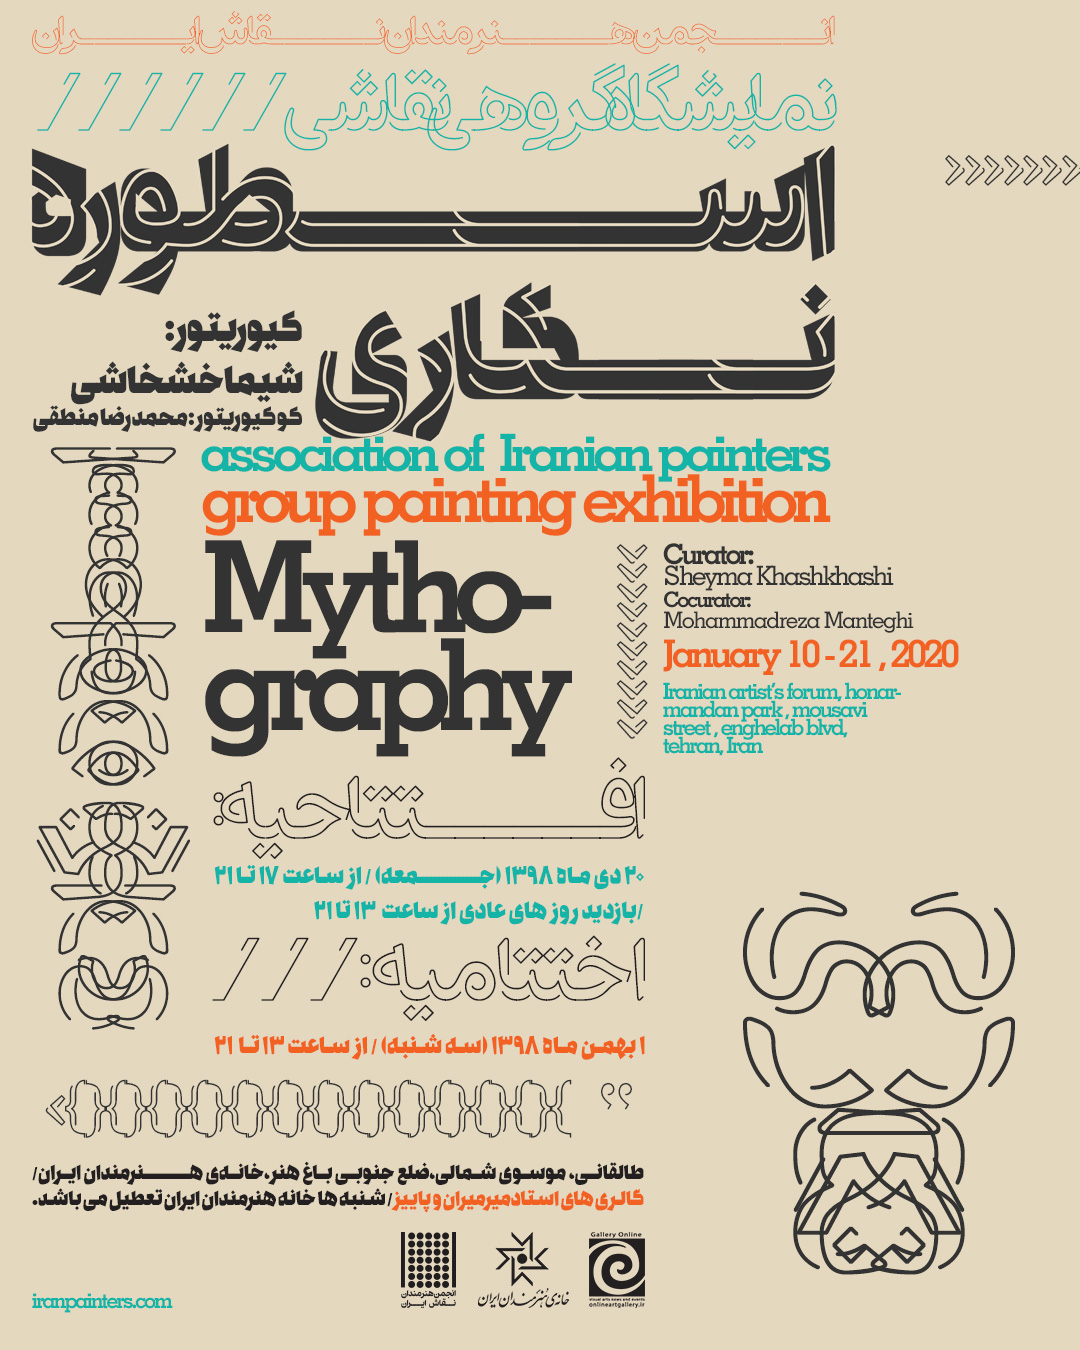 """حامی رسانه ای نمایشگاه """"اسطوره نگاری"""" در خانه هنرمندان ایران"""